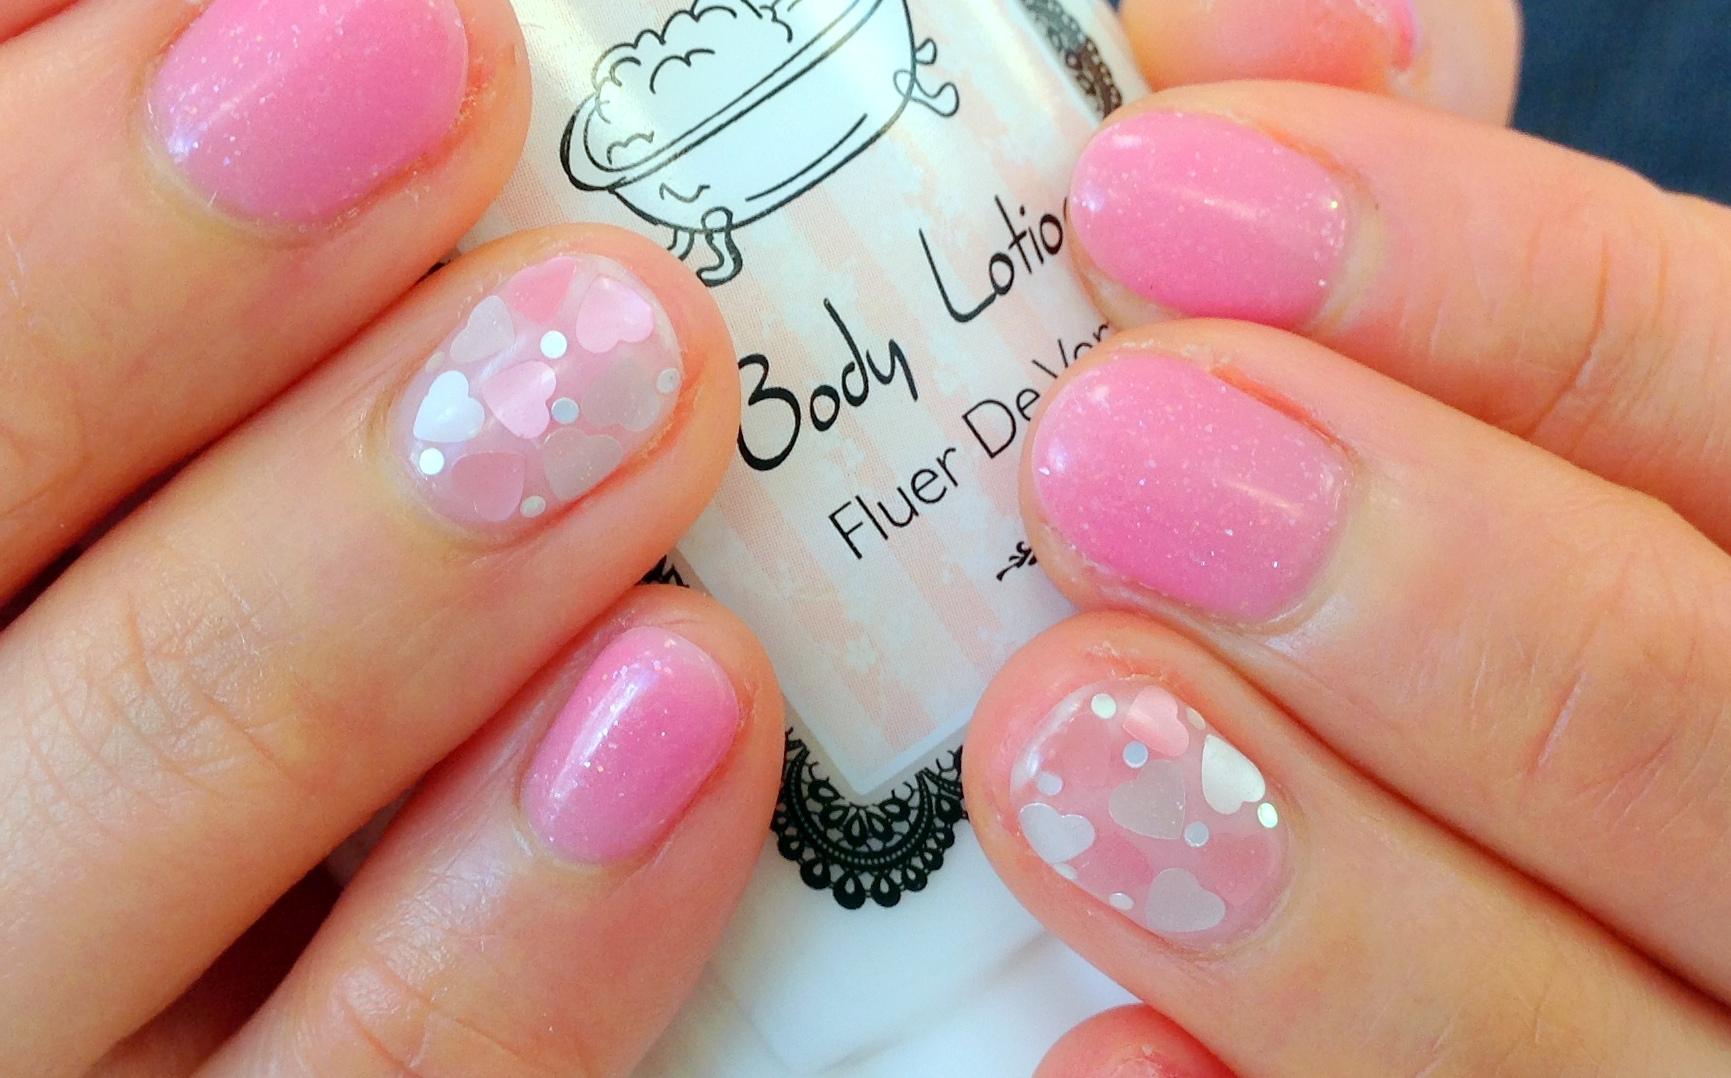 ホログラム ピンク 白 ブレンドカラー バレンタイン ネイル